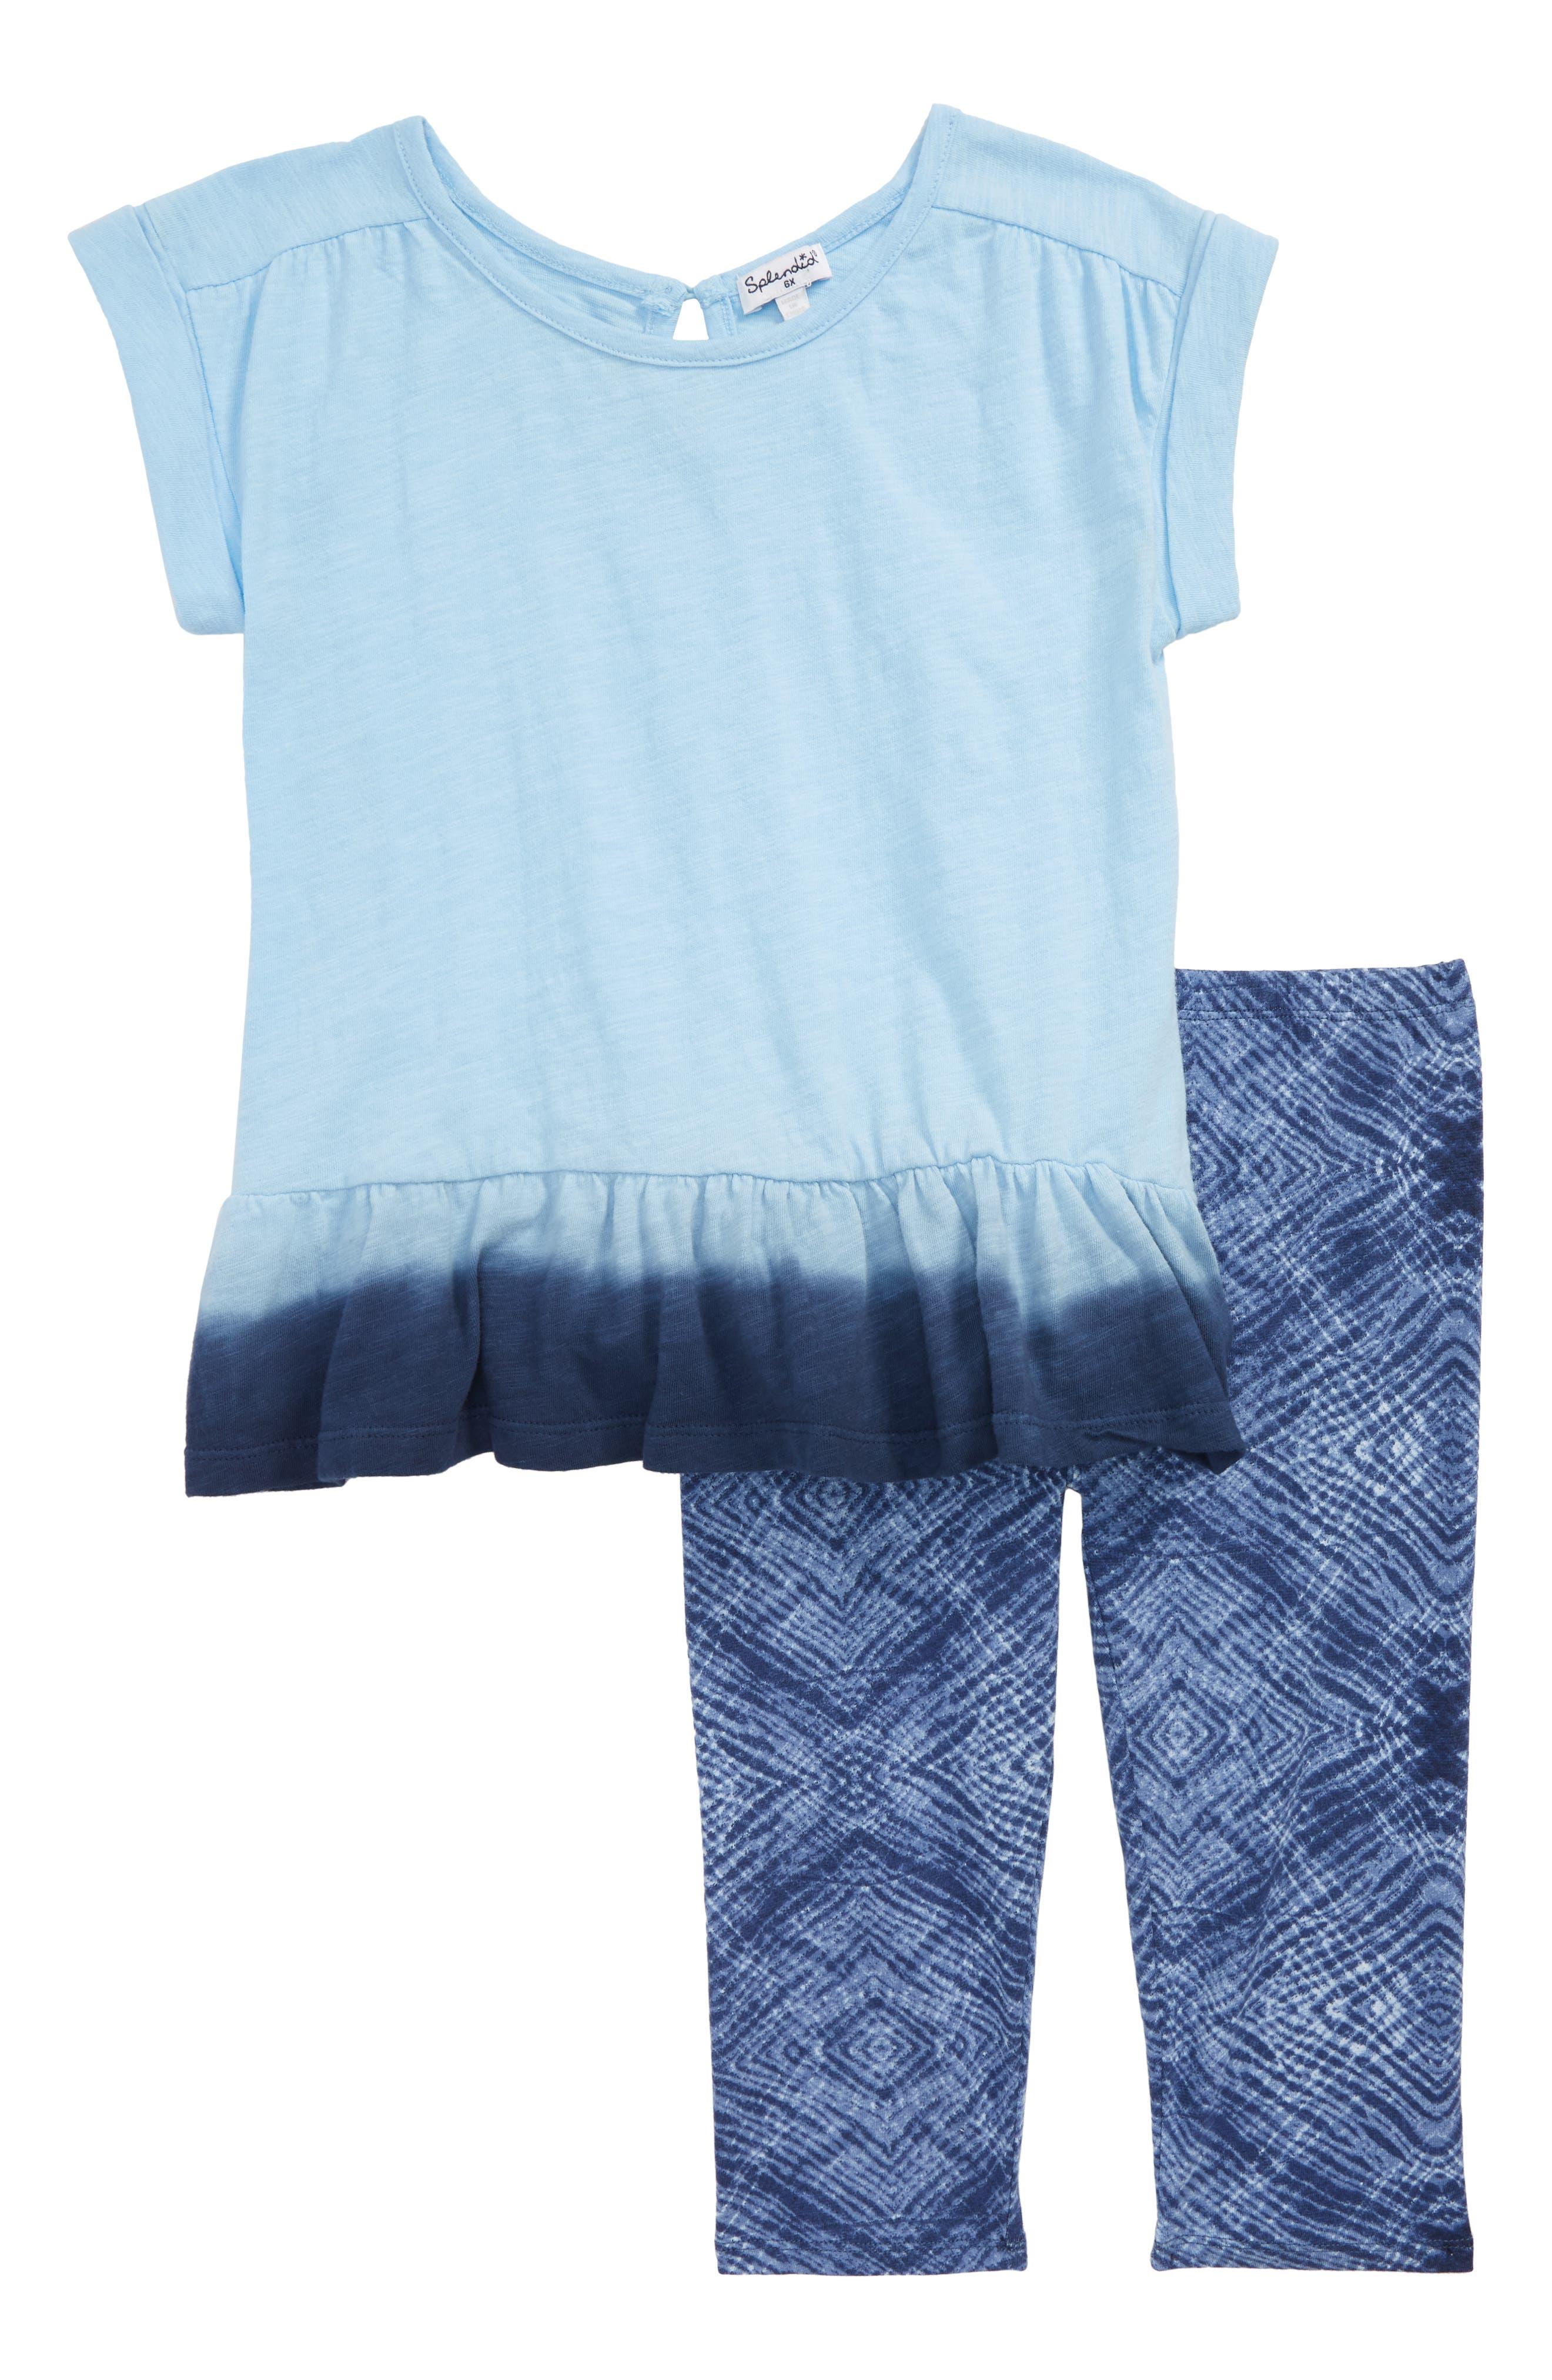 Dip Dye Top & Leggings Set,                         Main,                         color, Blue Bell